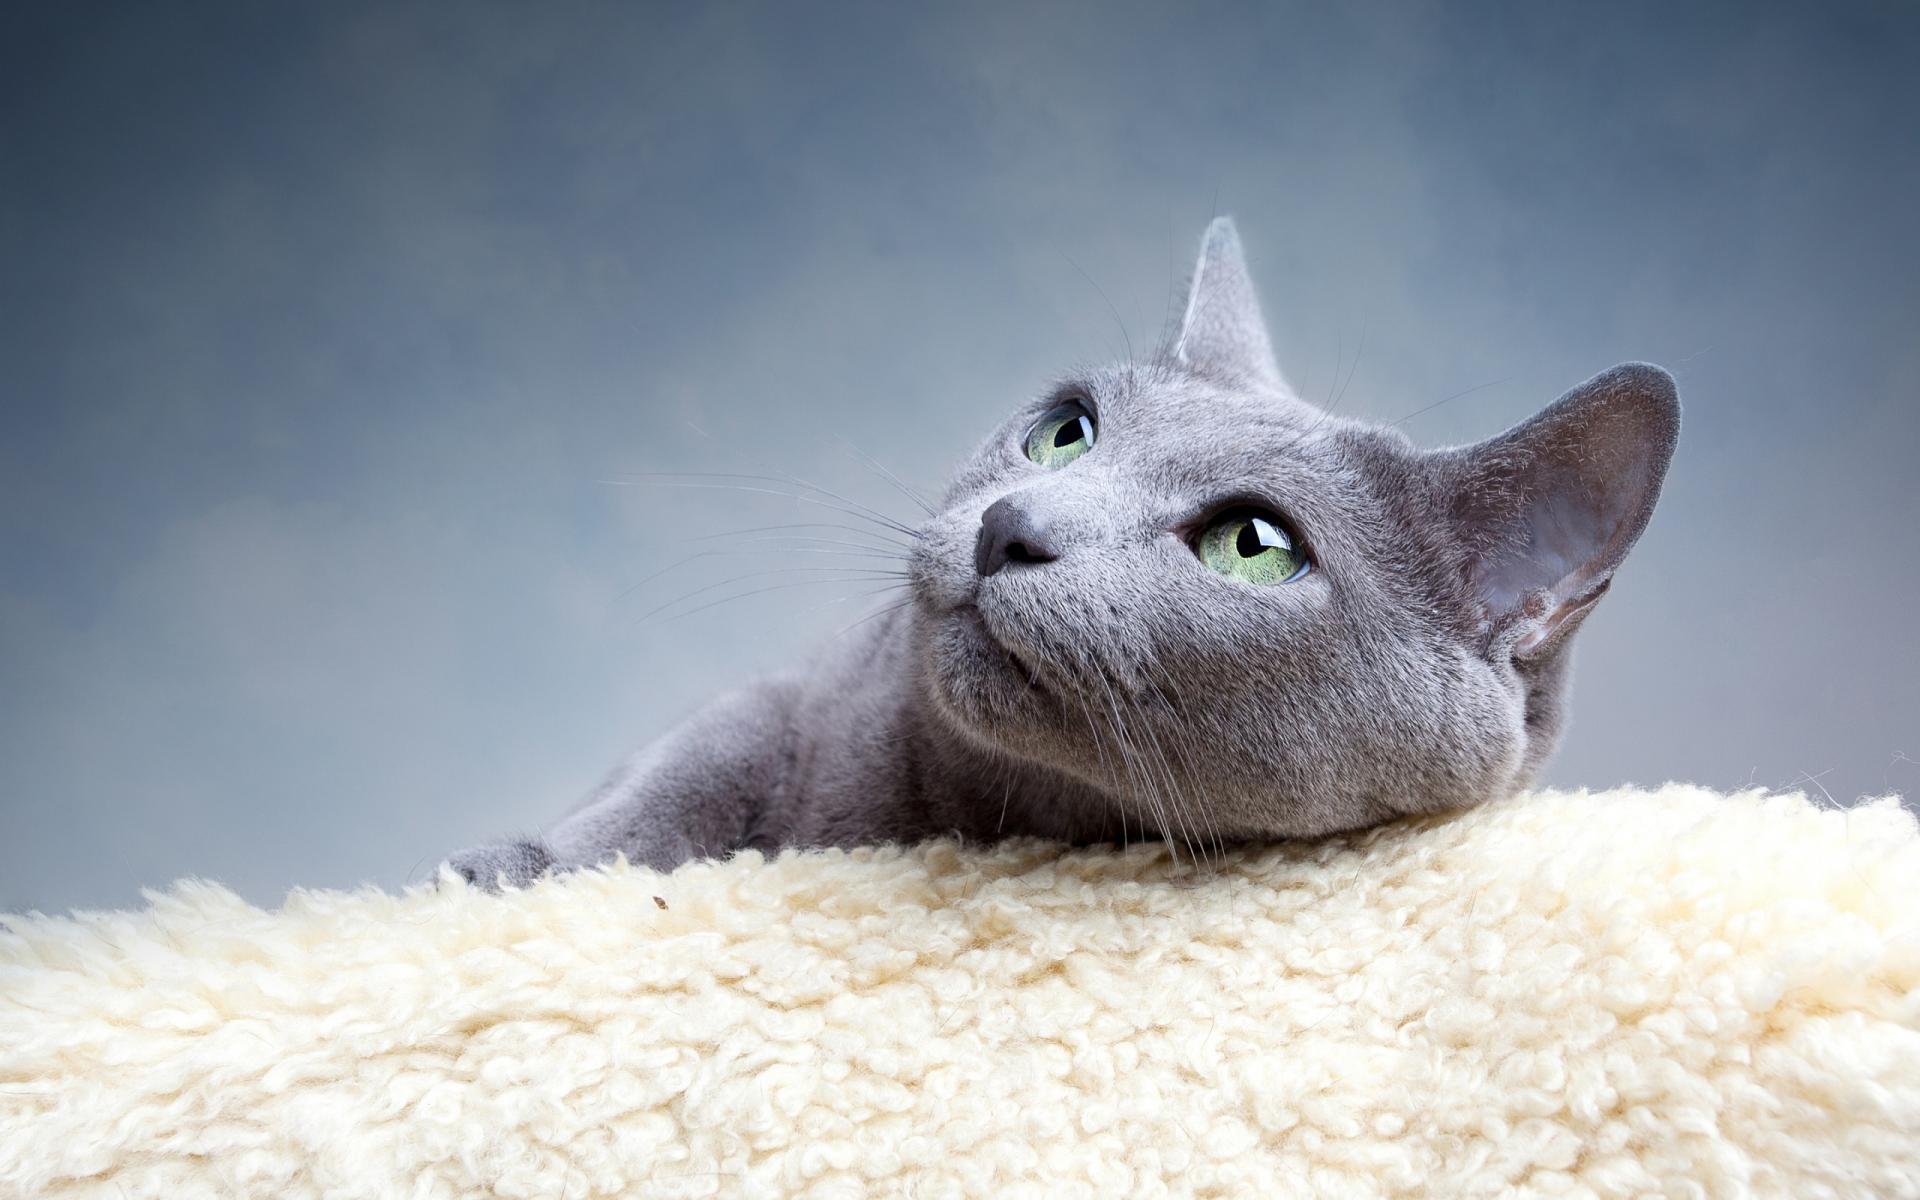 картинки с серыми кошками на рабочий стол без